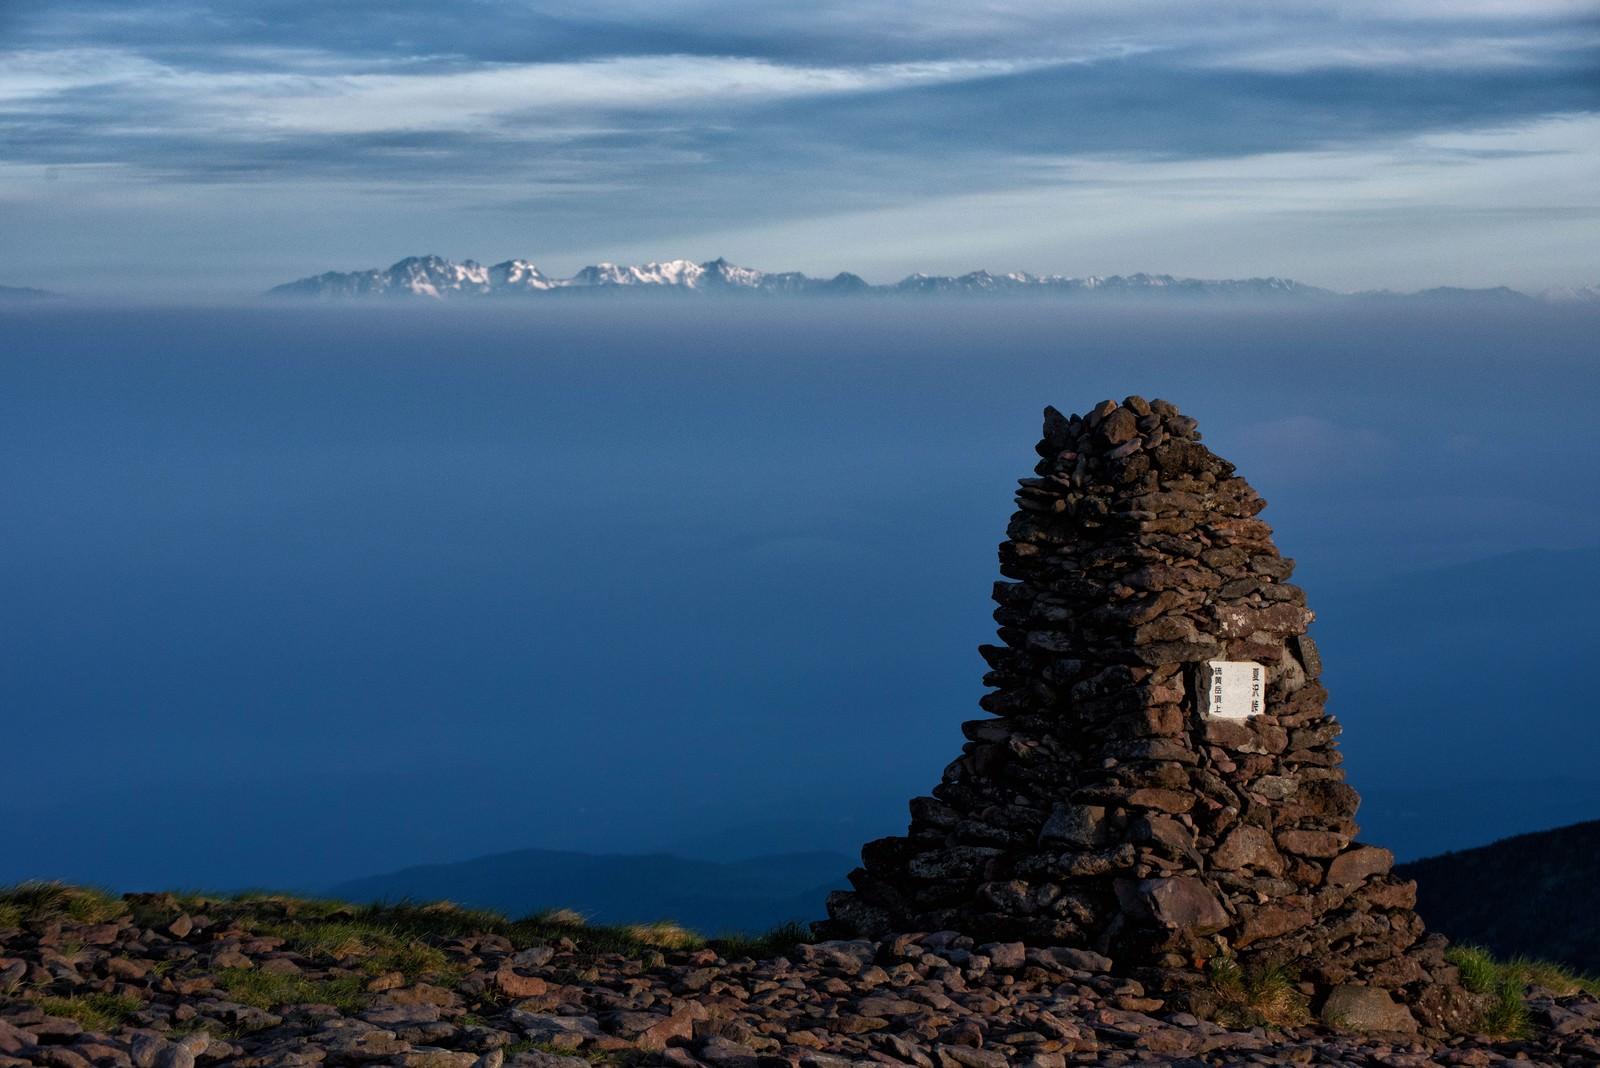 「硫黄岳のケルンと遥かに望む北アルプス」の写真